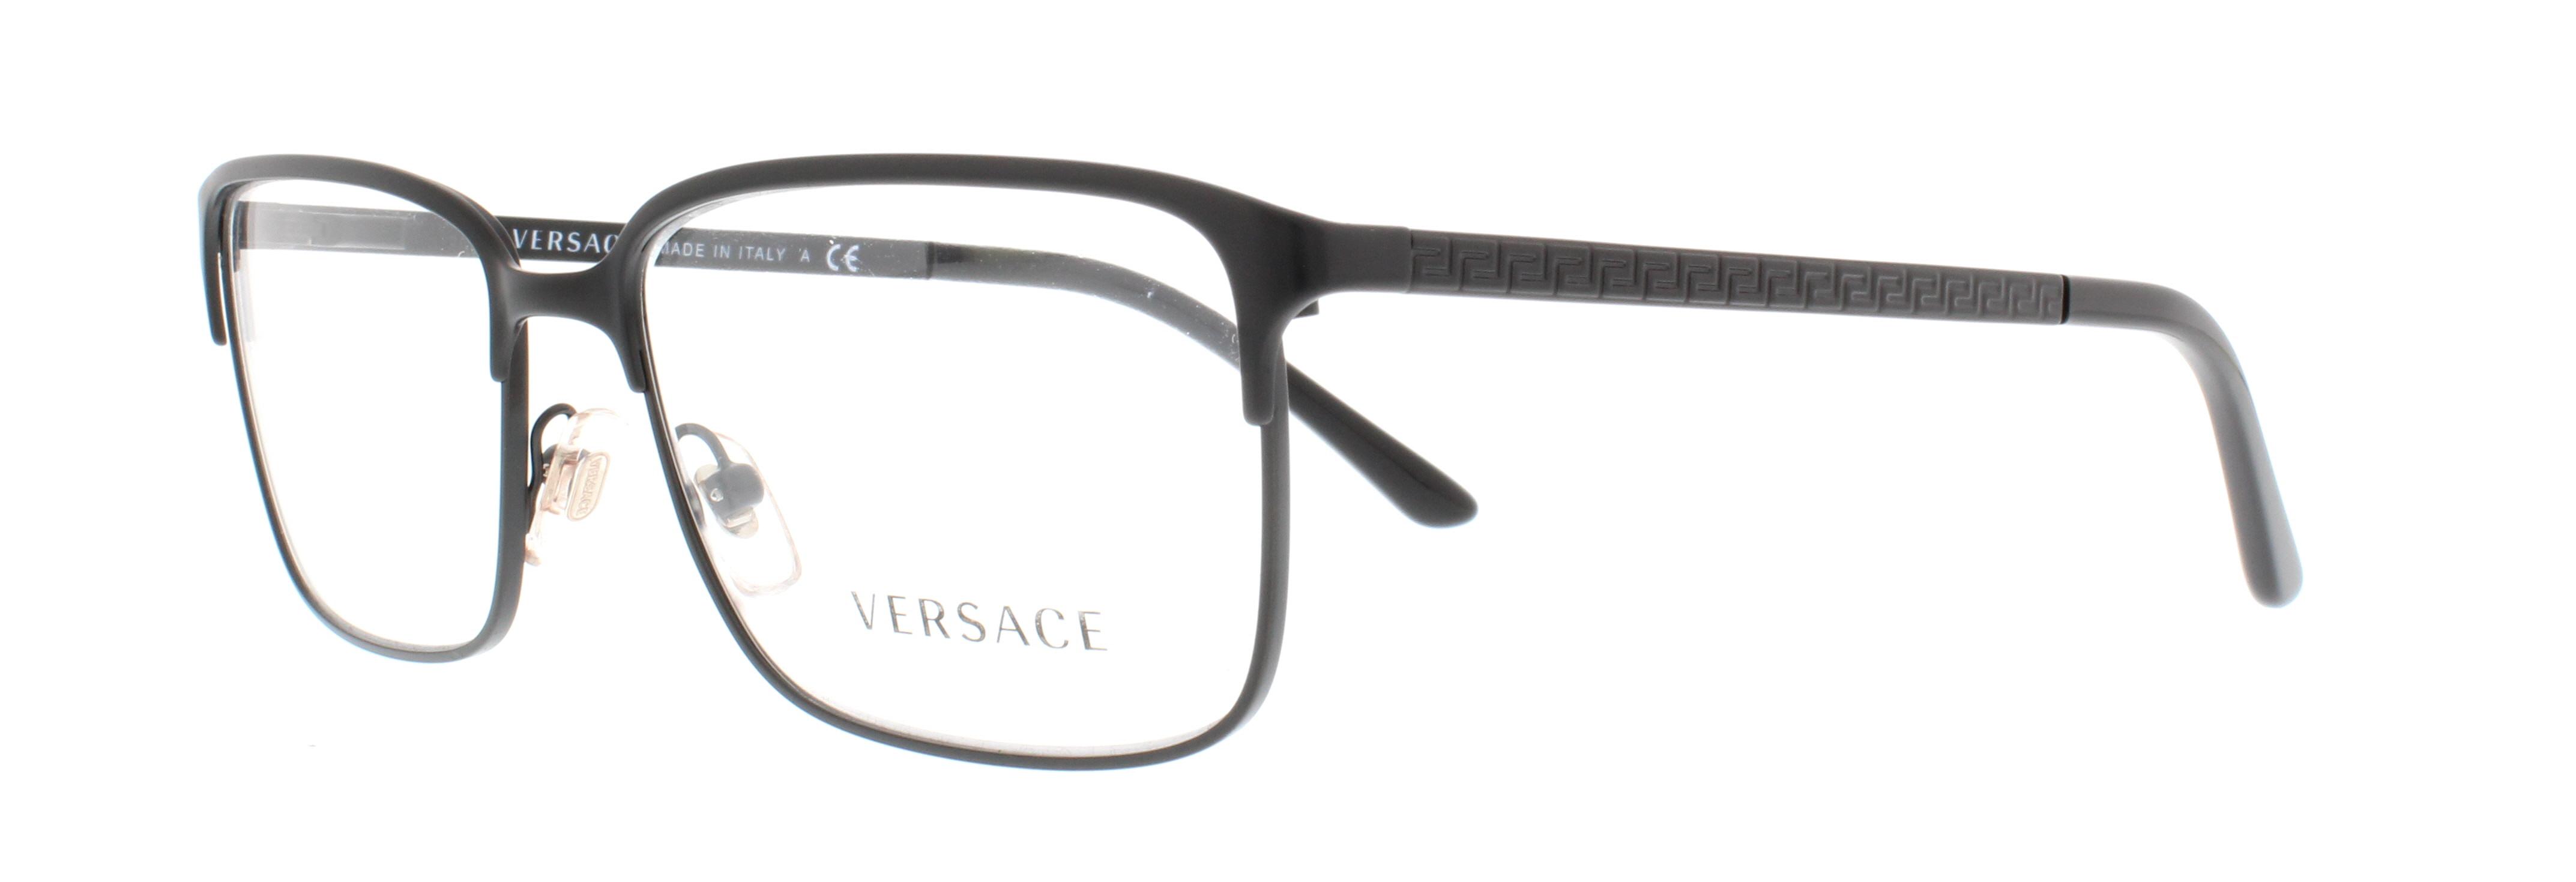 Designer Frames Outlet. Versace VE1232